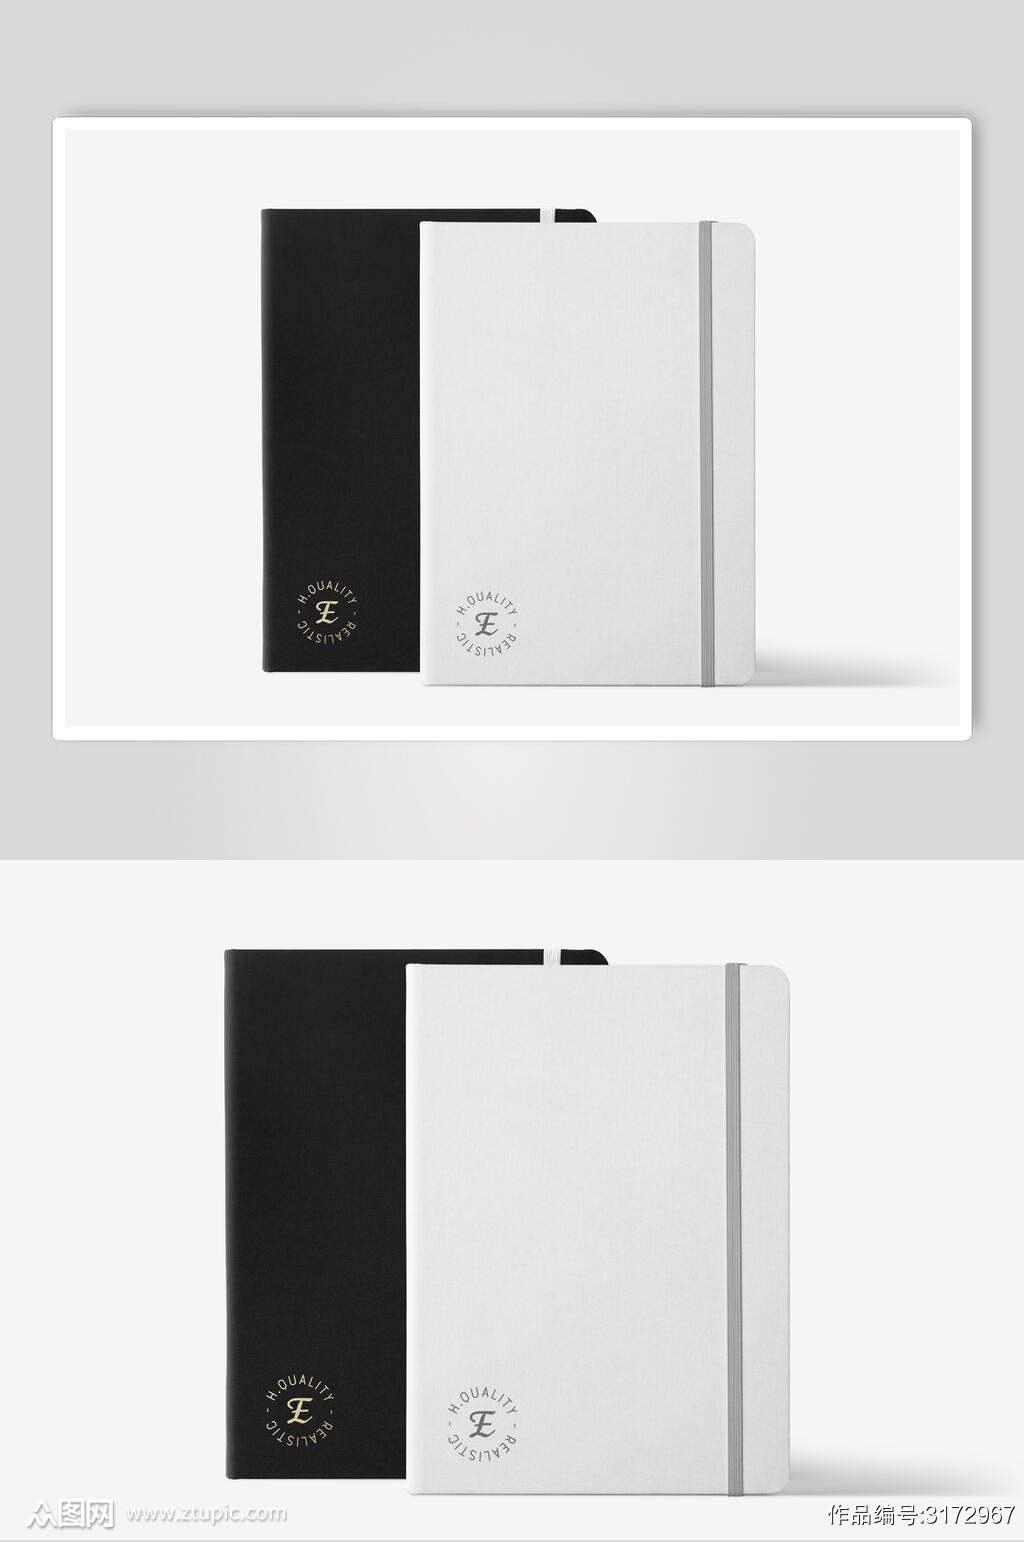 低调简约文创黑白笔记本样机素材